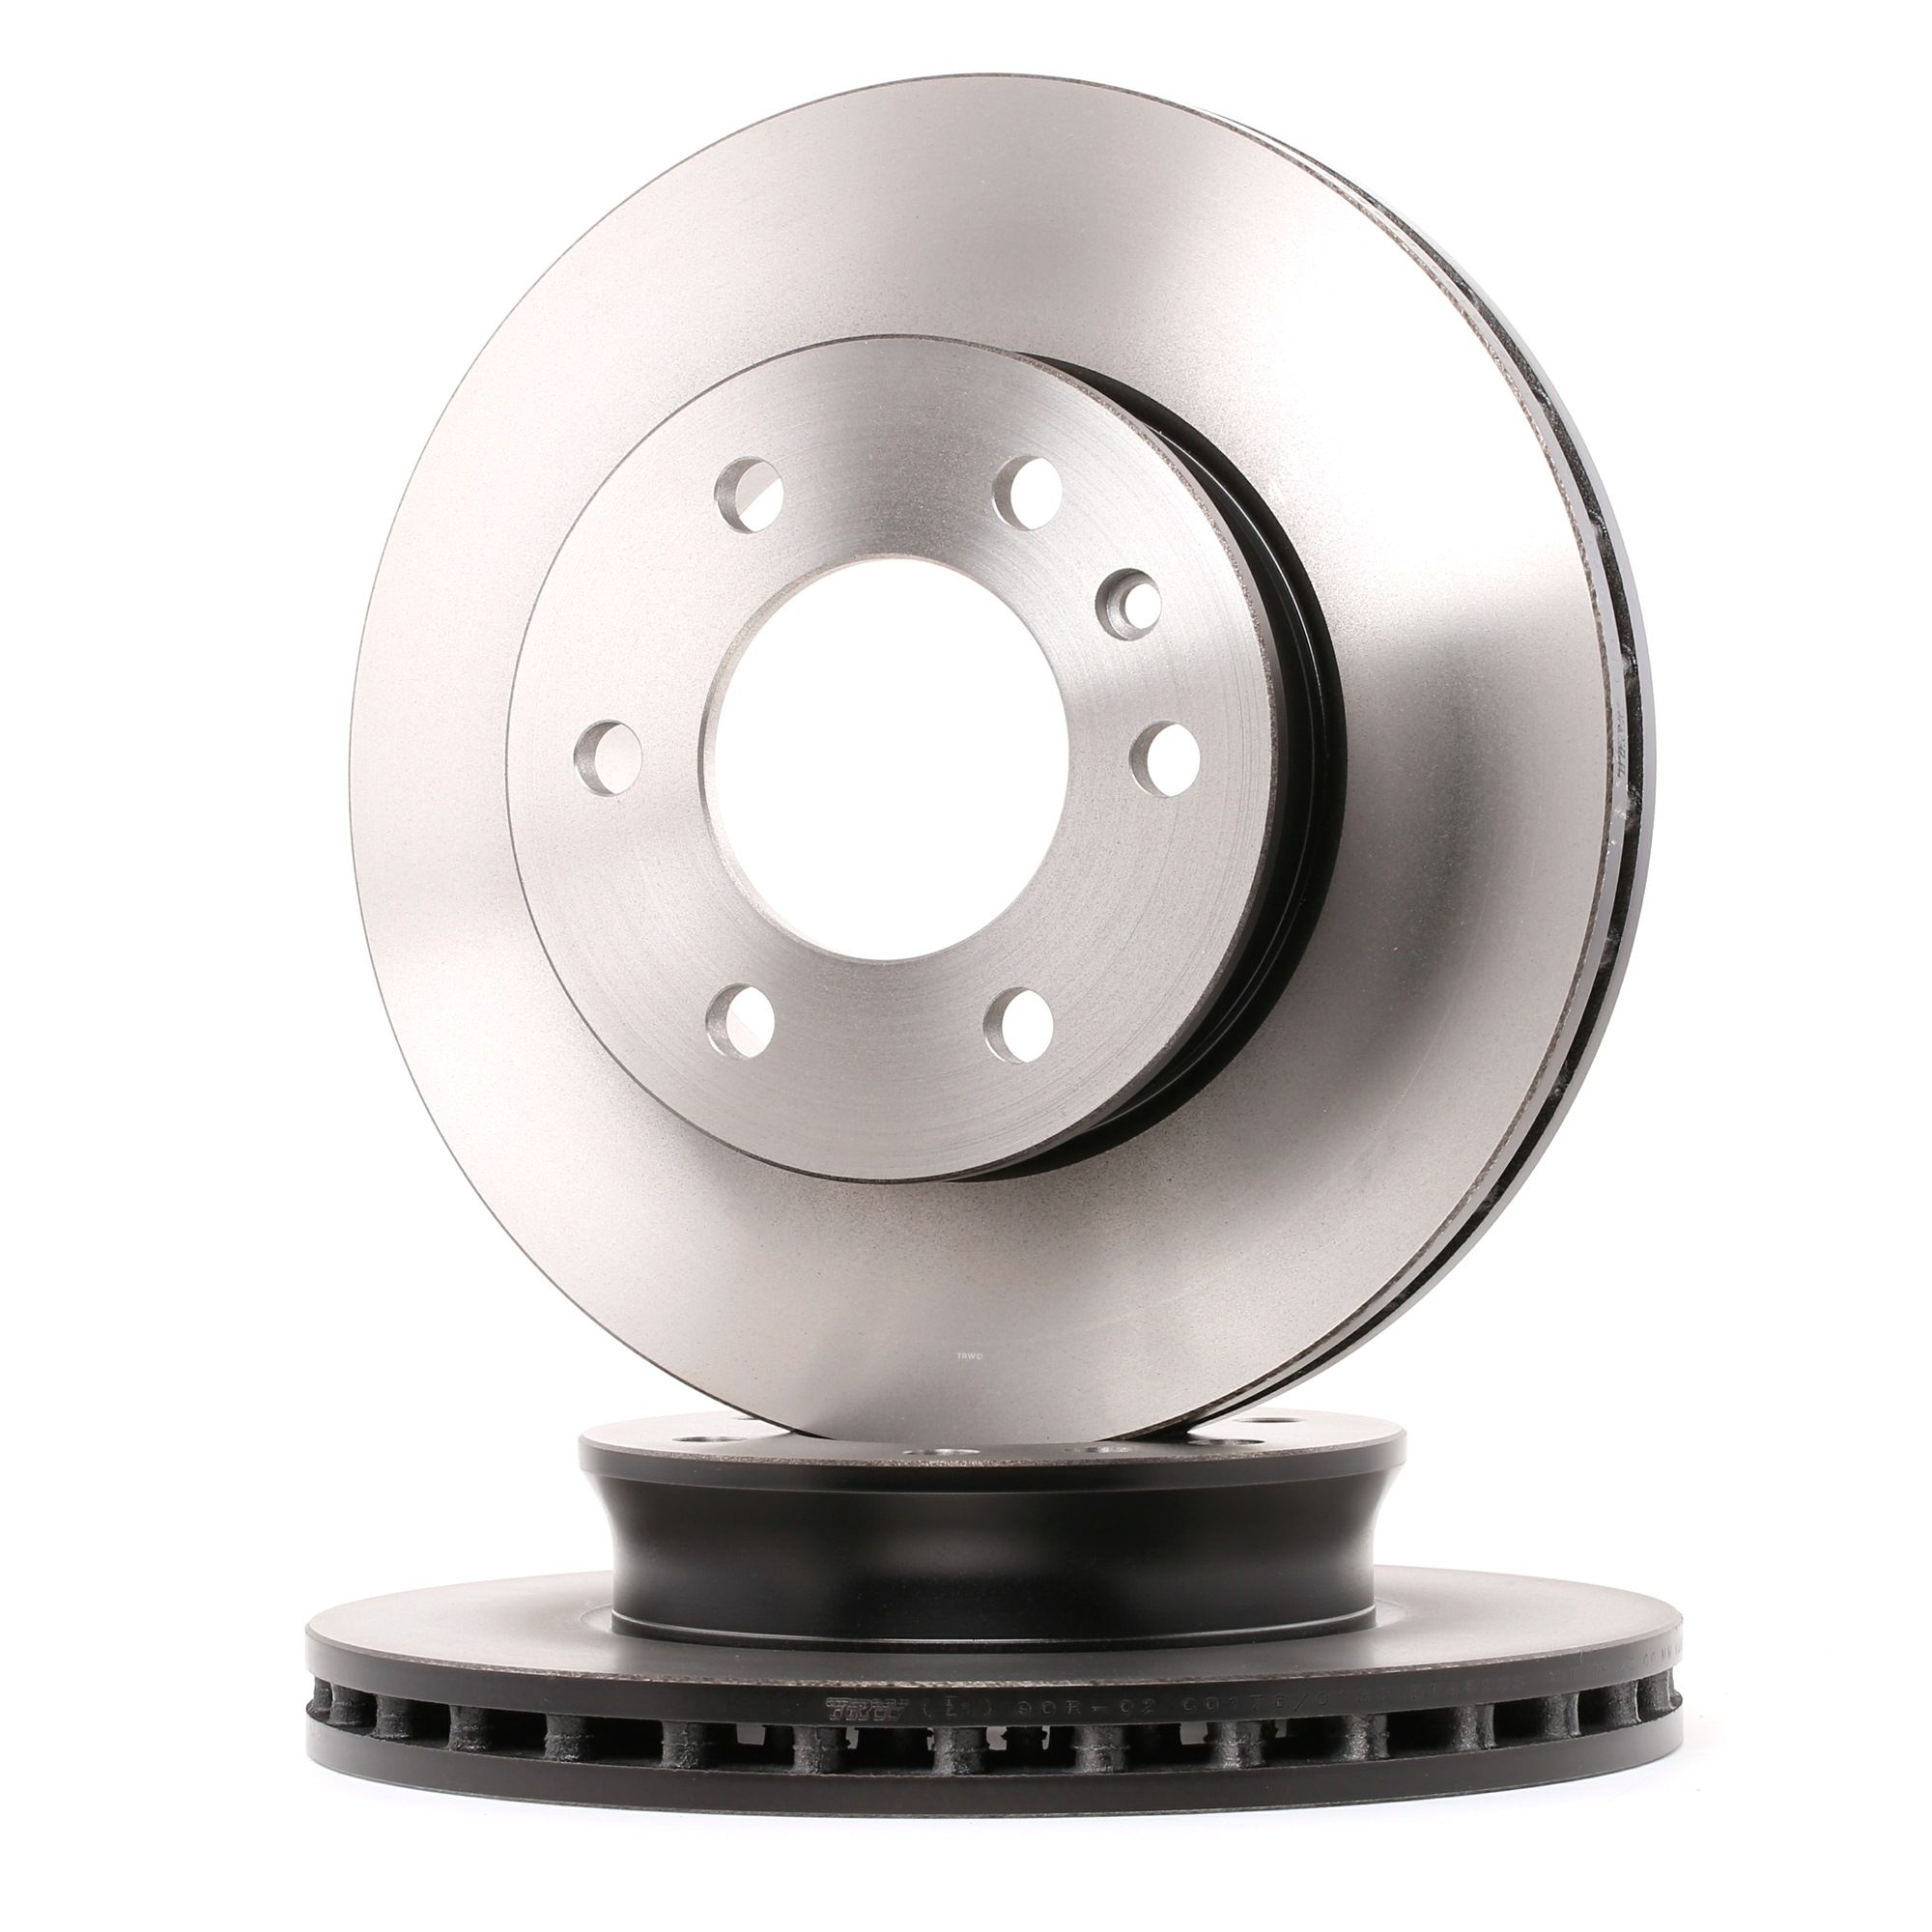 Achetez Disque de frein TRW DF4822S (Ø: 300mm, Nbre de trous: 6, Épaisseur du disque de frein: 28mm) à un rapport qualité-prix exceptionnel